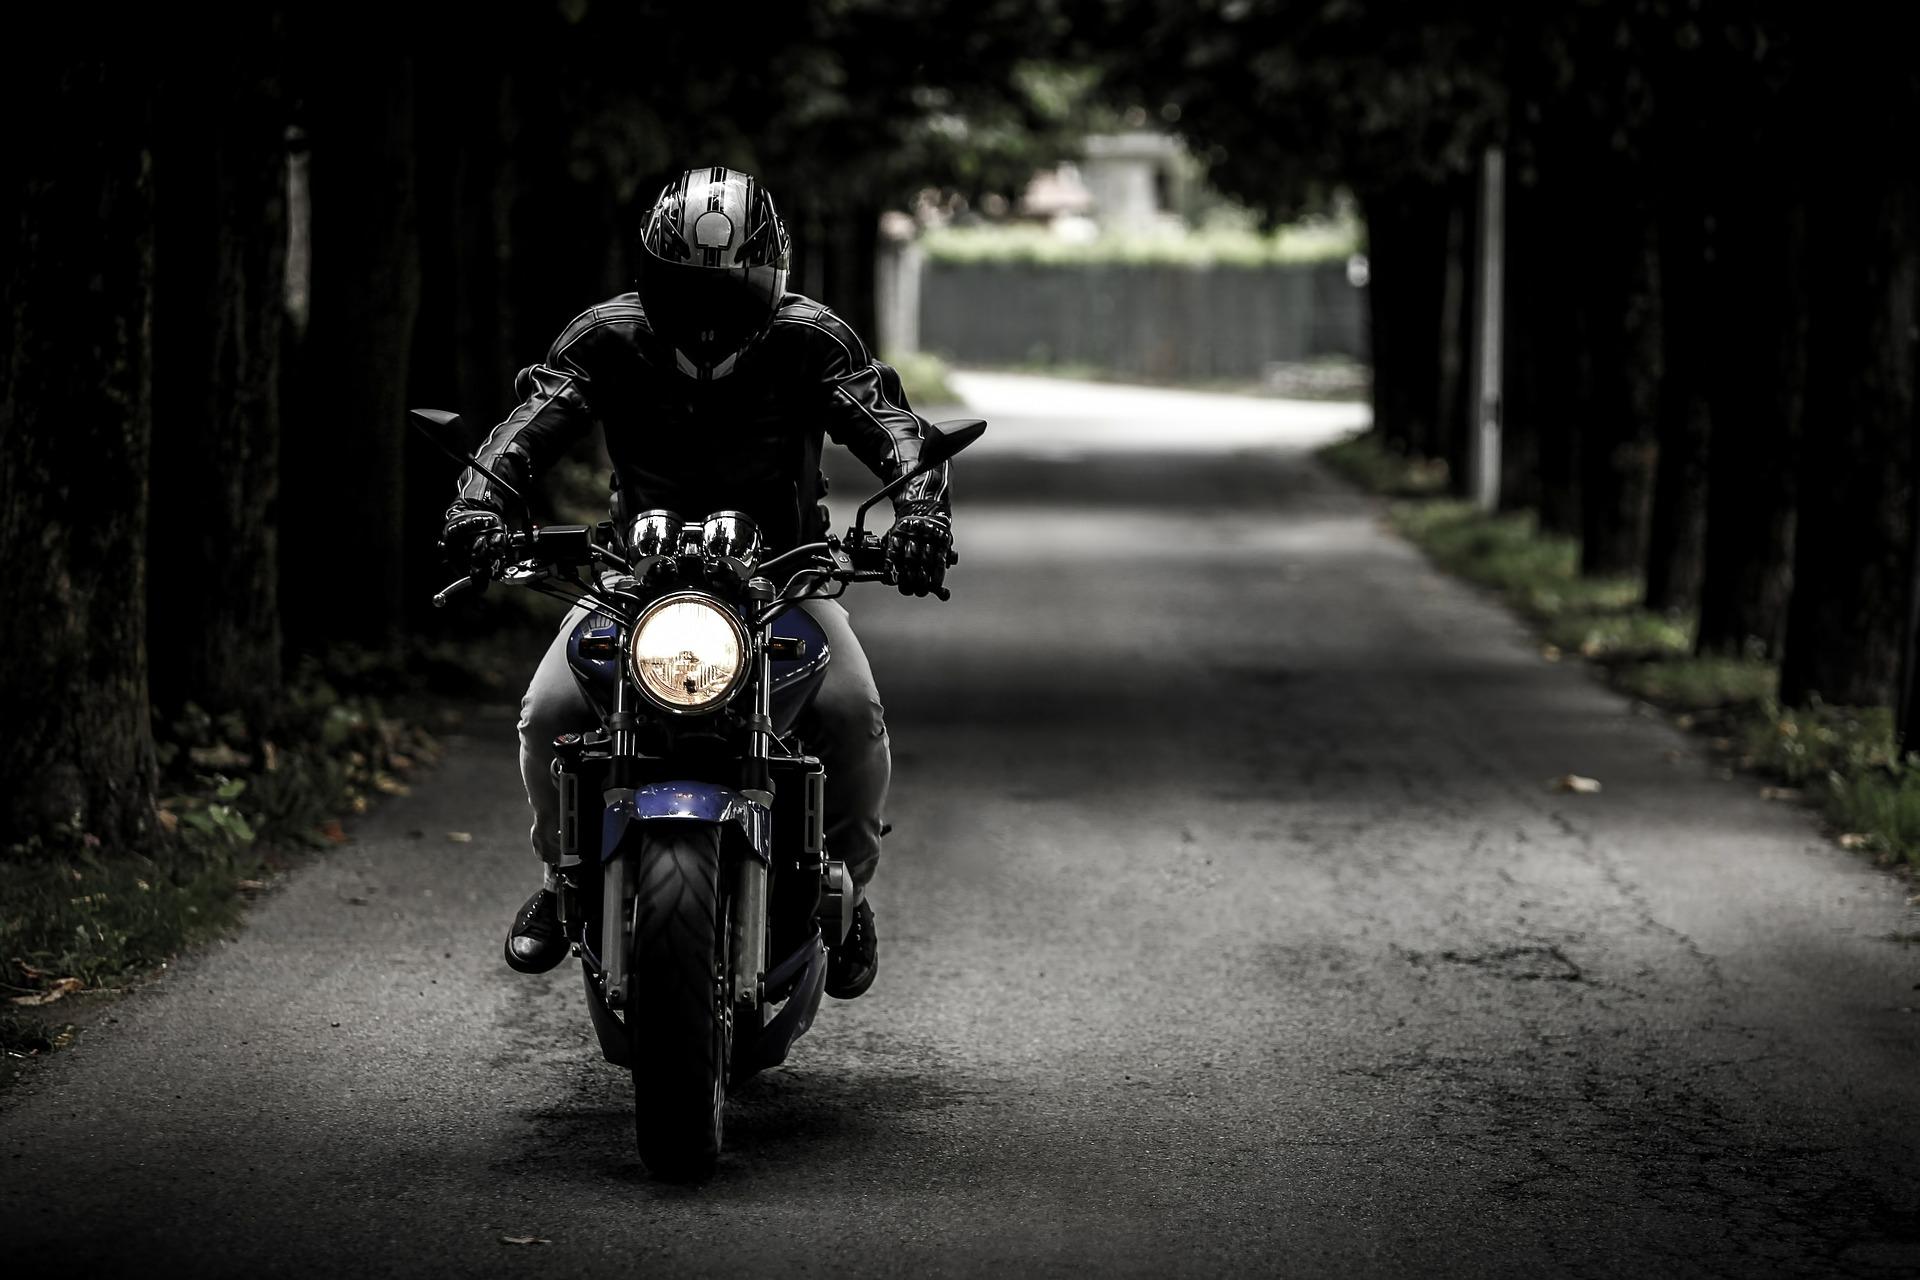 biker-407123_1920 (1)